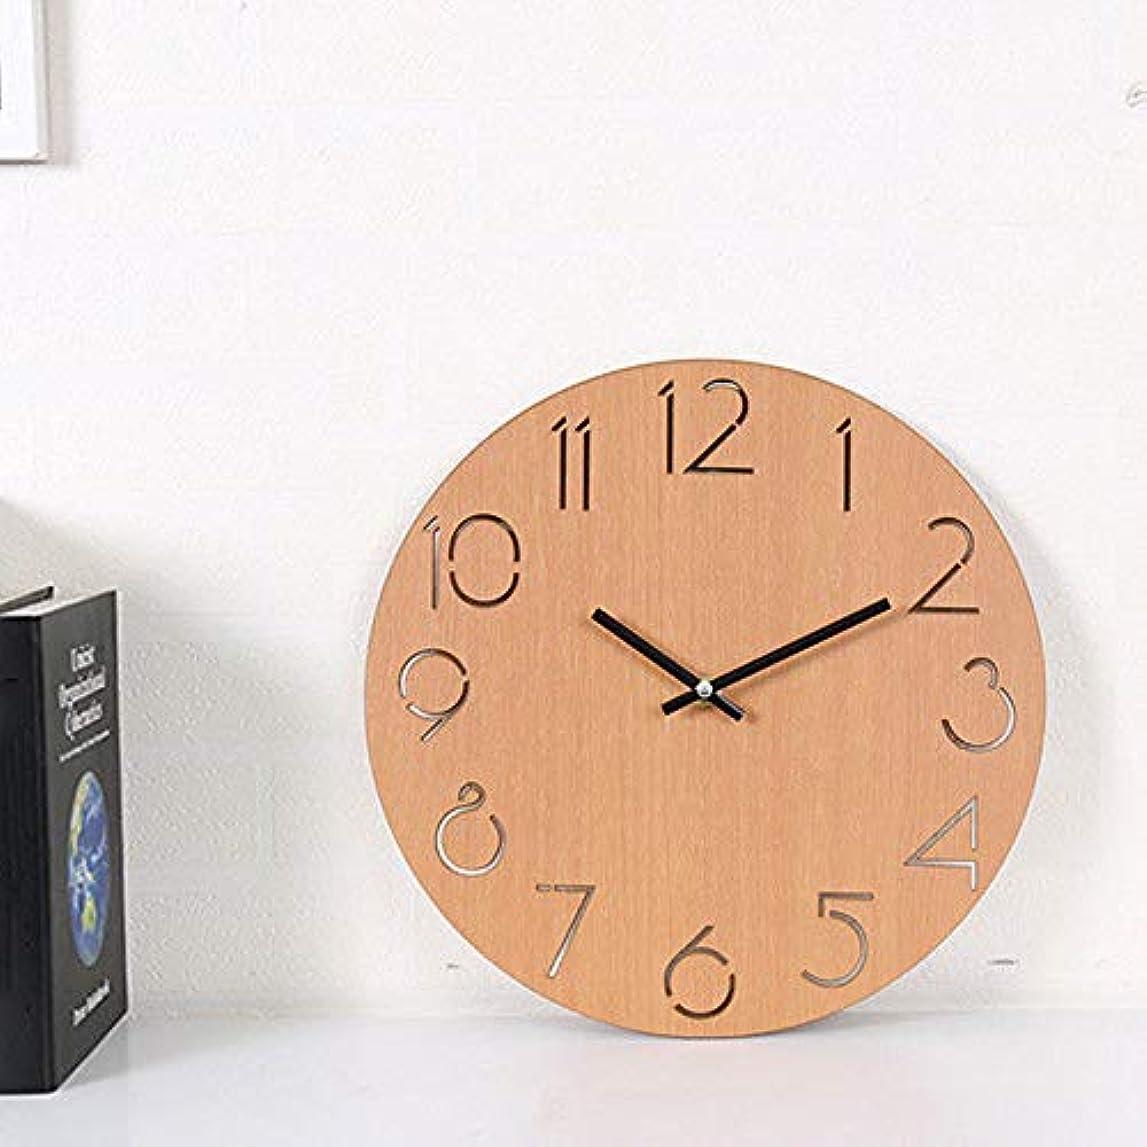 発火する自動ジョブ壁掛け時計12